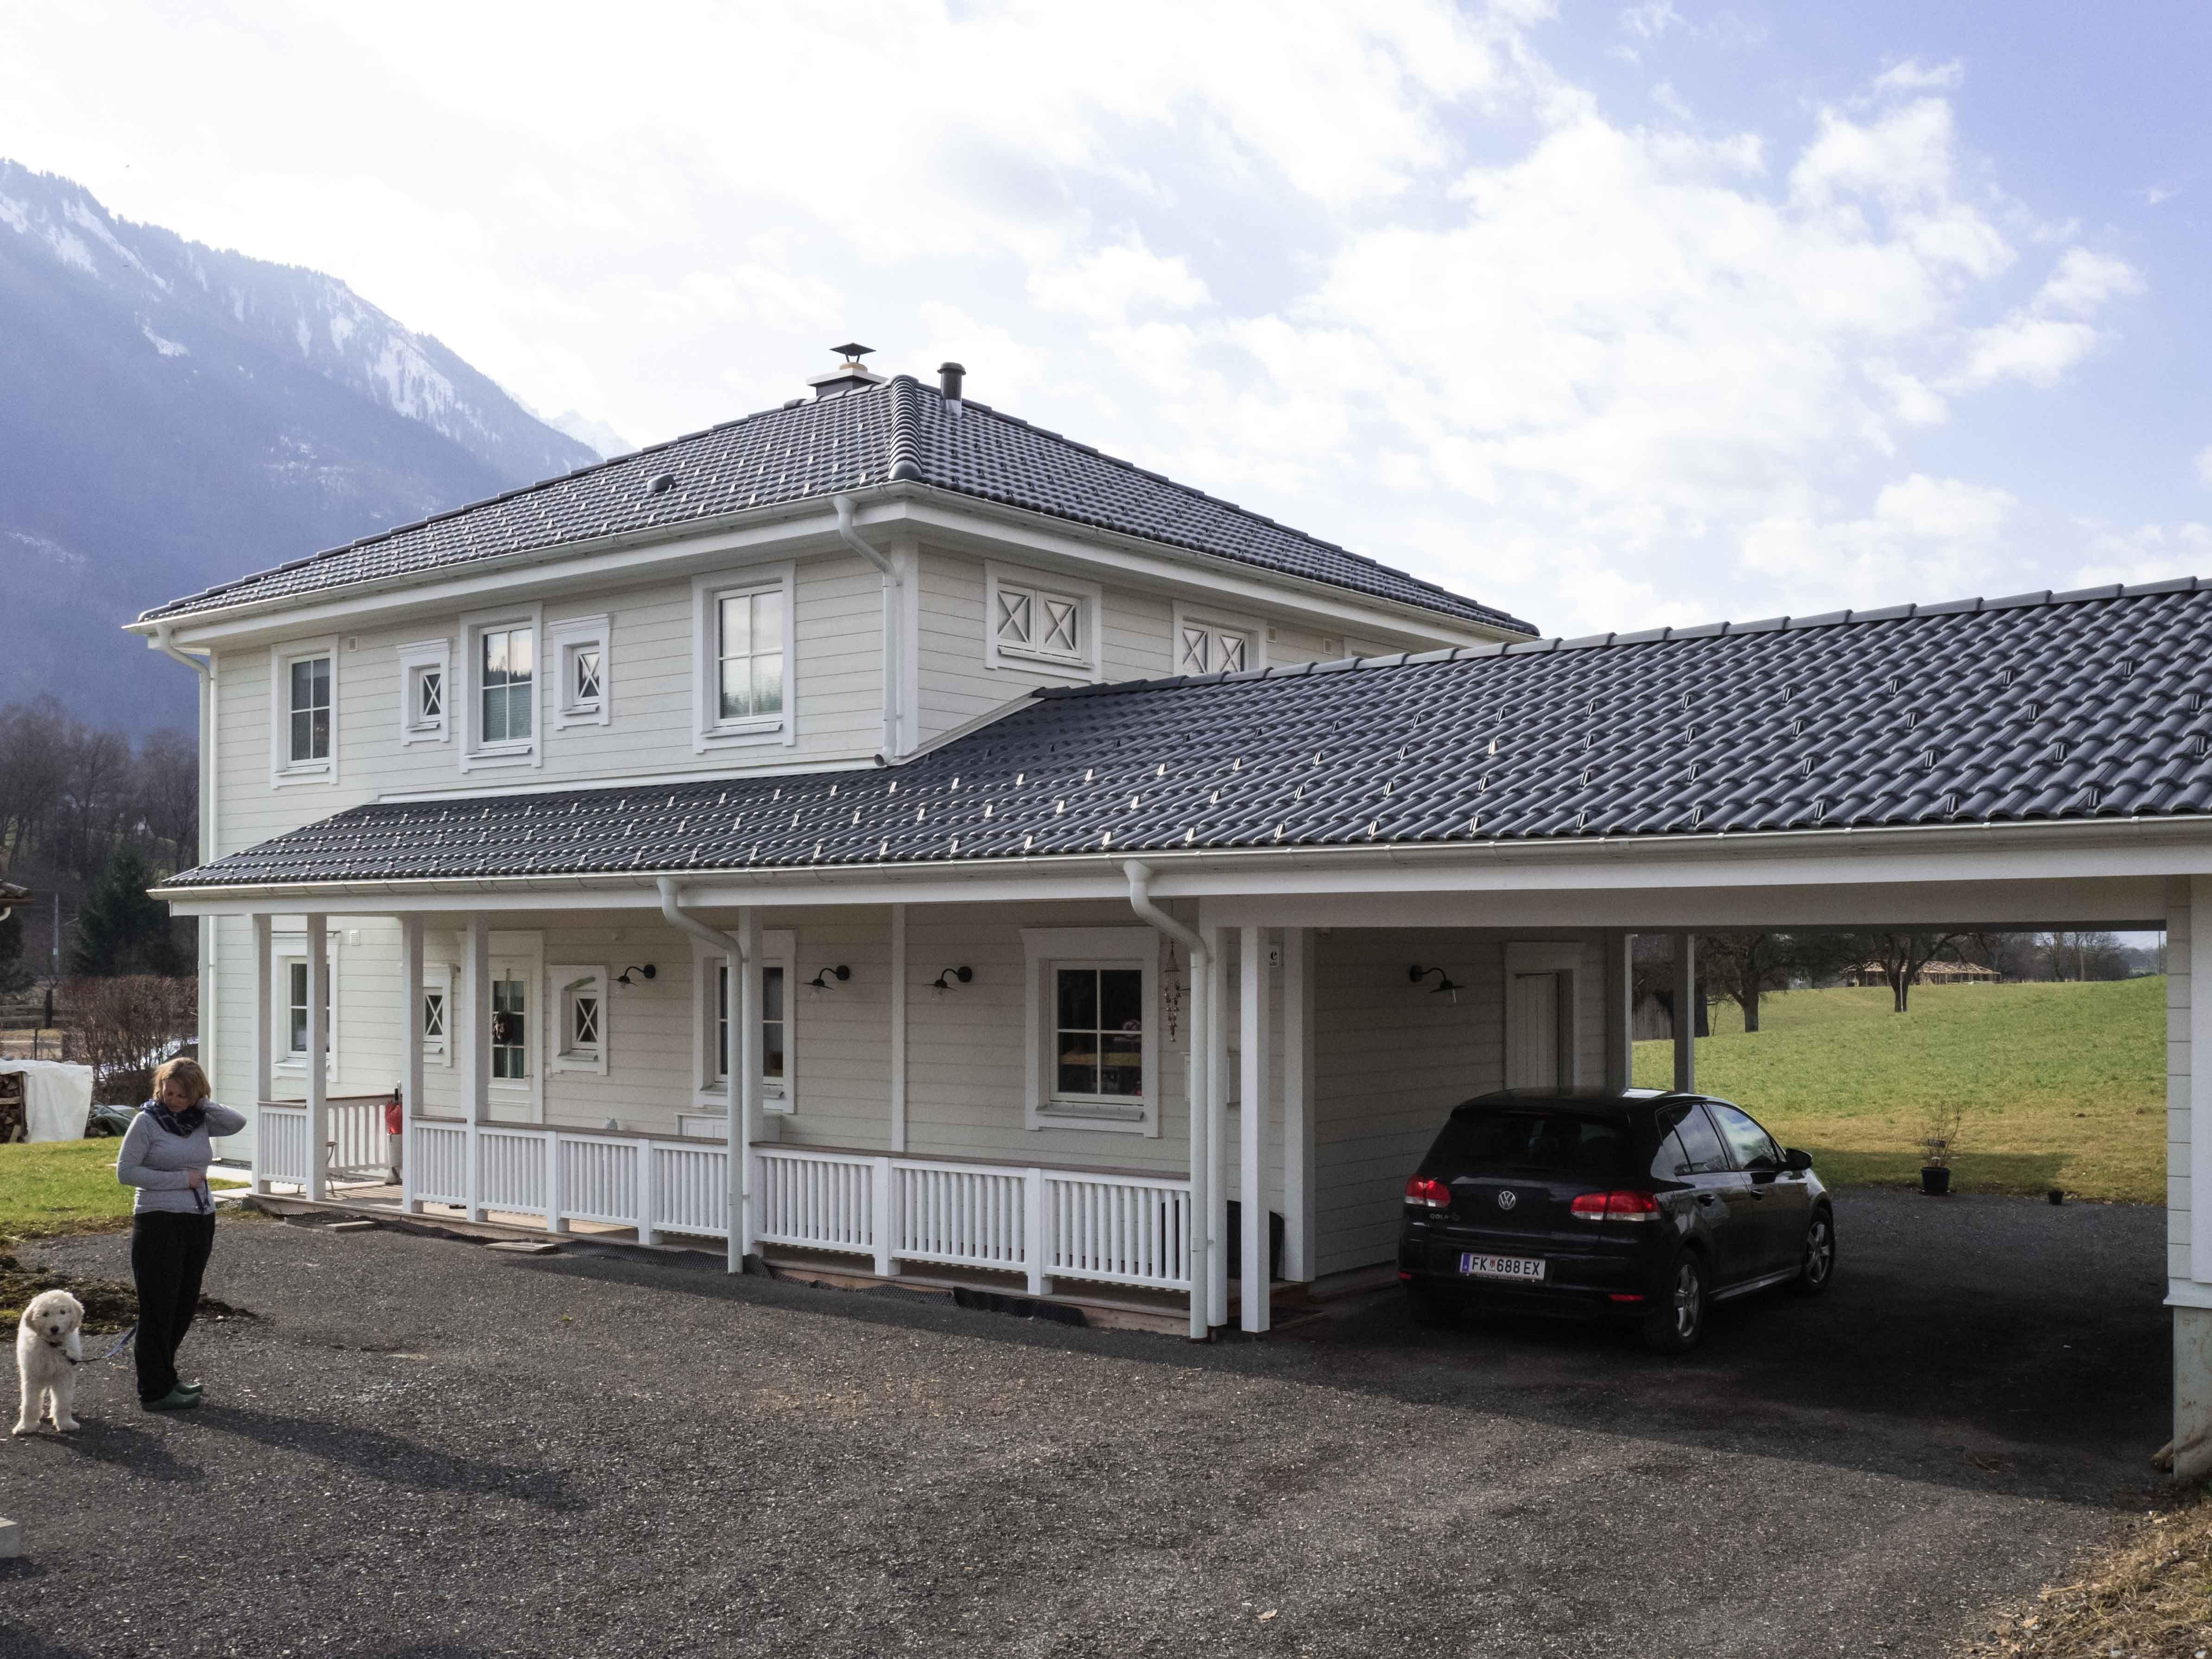 Liebenswert Haus Mit Veranda Dekoration Von Die überdachte Eingangsveranda Verbindet Carport Und Haupteingang.